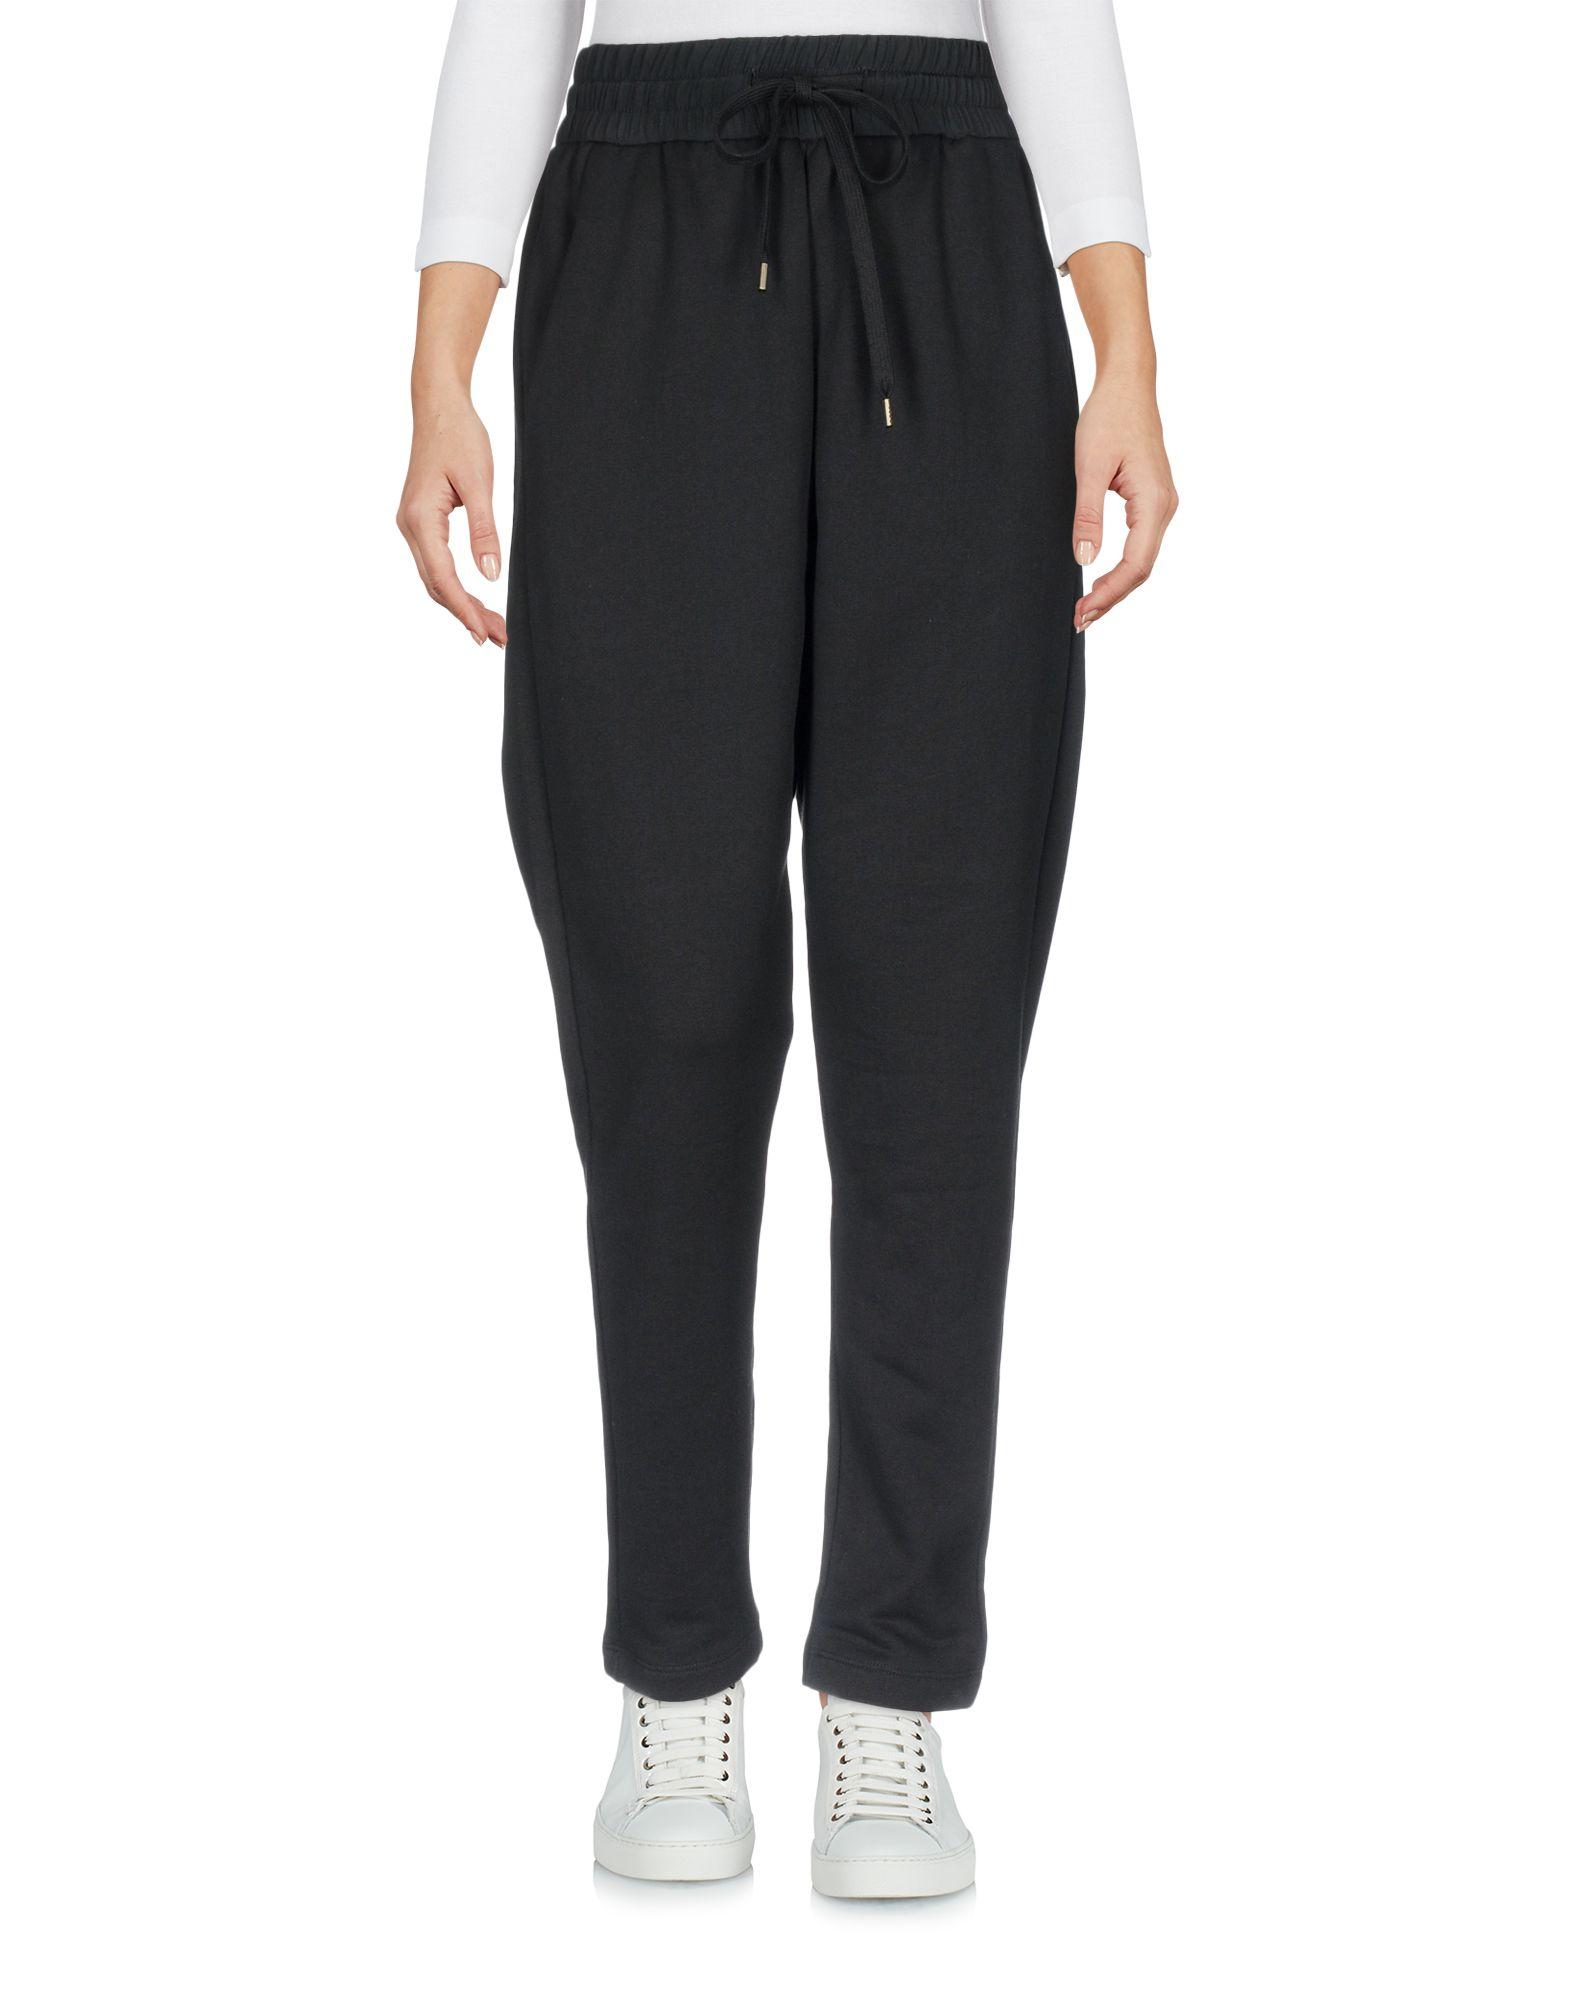 Pantalone N°21 N°21 N°21 donna - 13102433TT 8fe